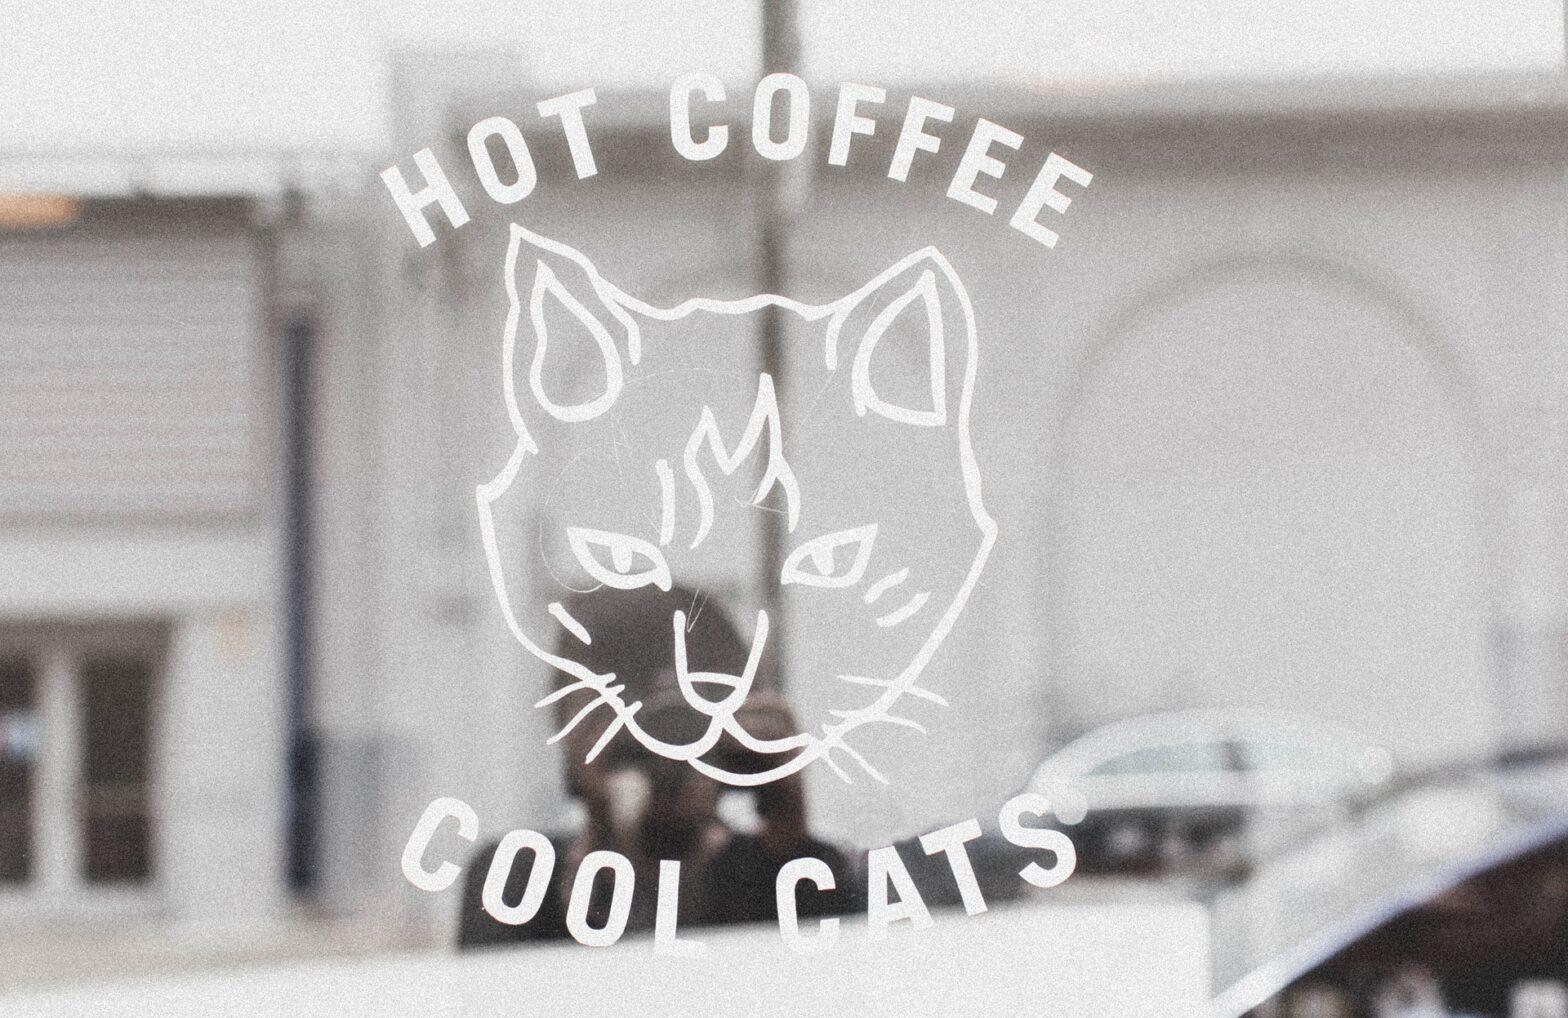 kattencafes